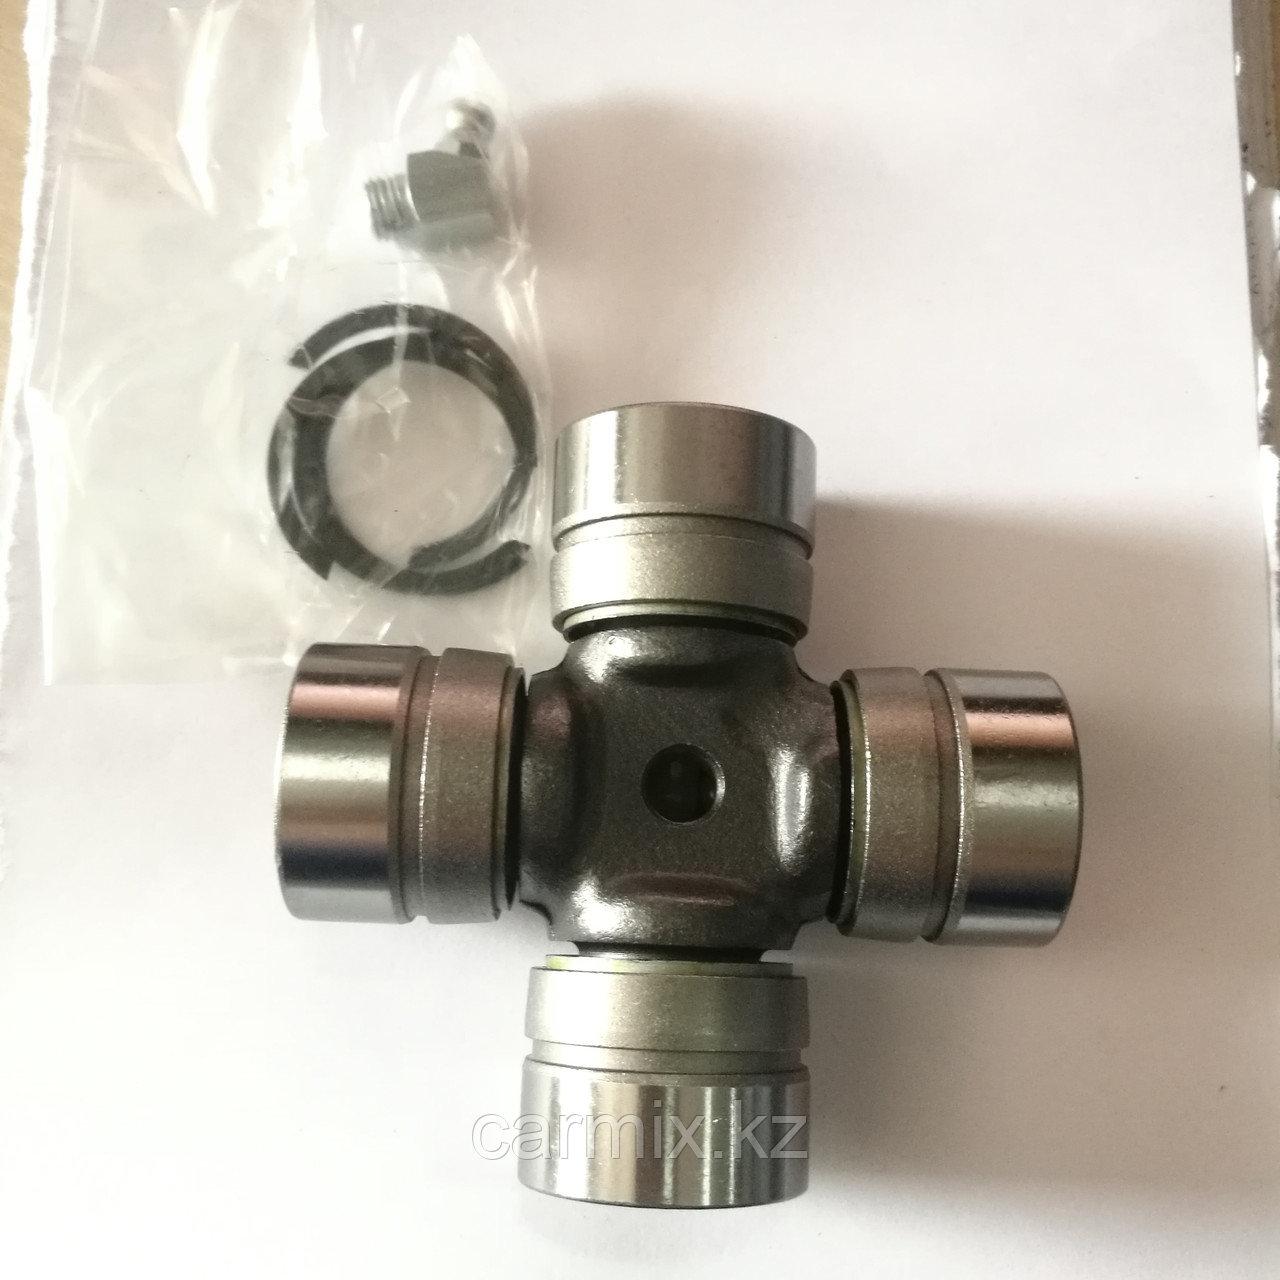 Крестовина карданного вала 4RUNNER GRN215, HILUX KDN165, LX470 UZJ100, LX570 URJ201